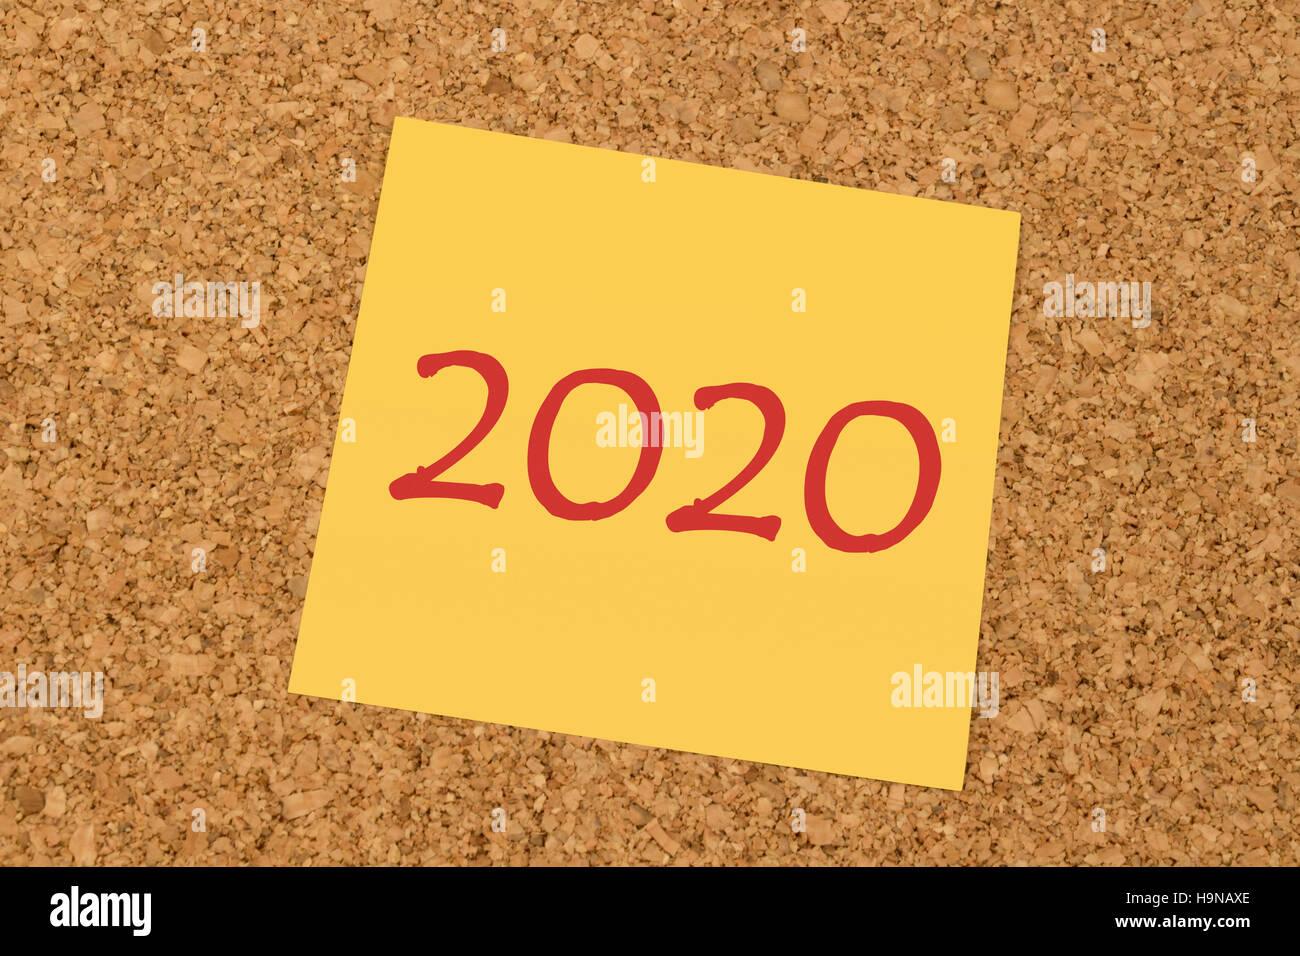 Bigliettino giallo su un ufficio bacheca di sughero - Anno Nuovo 2020 Immagini Stock